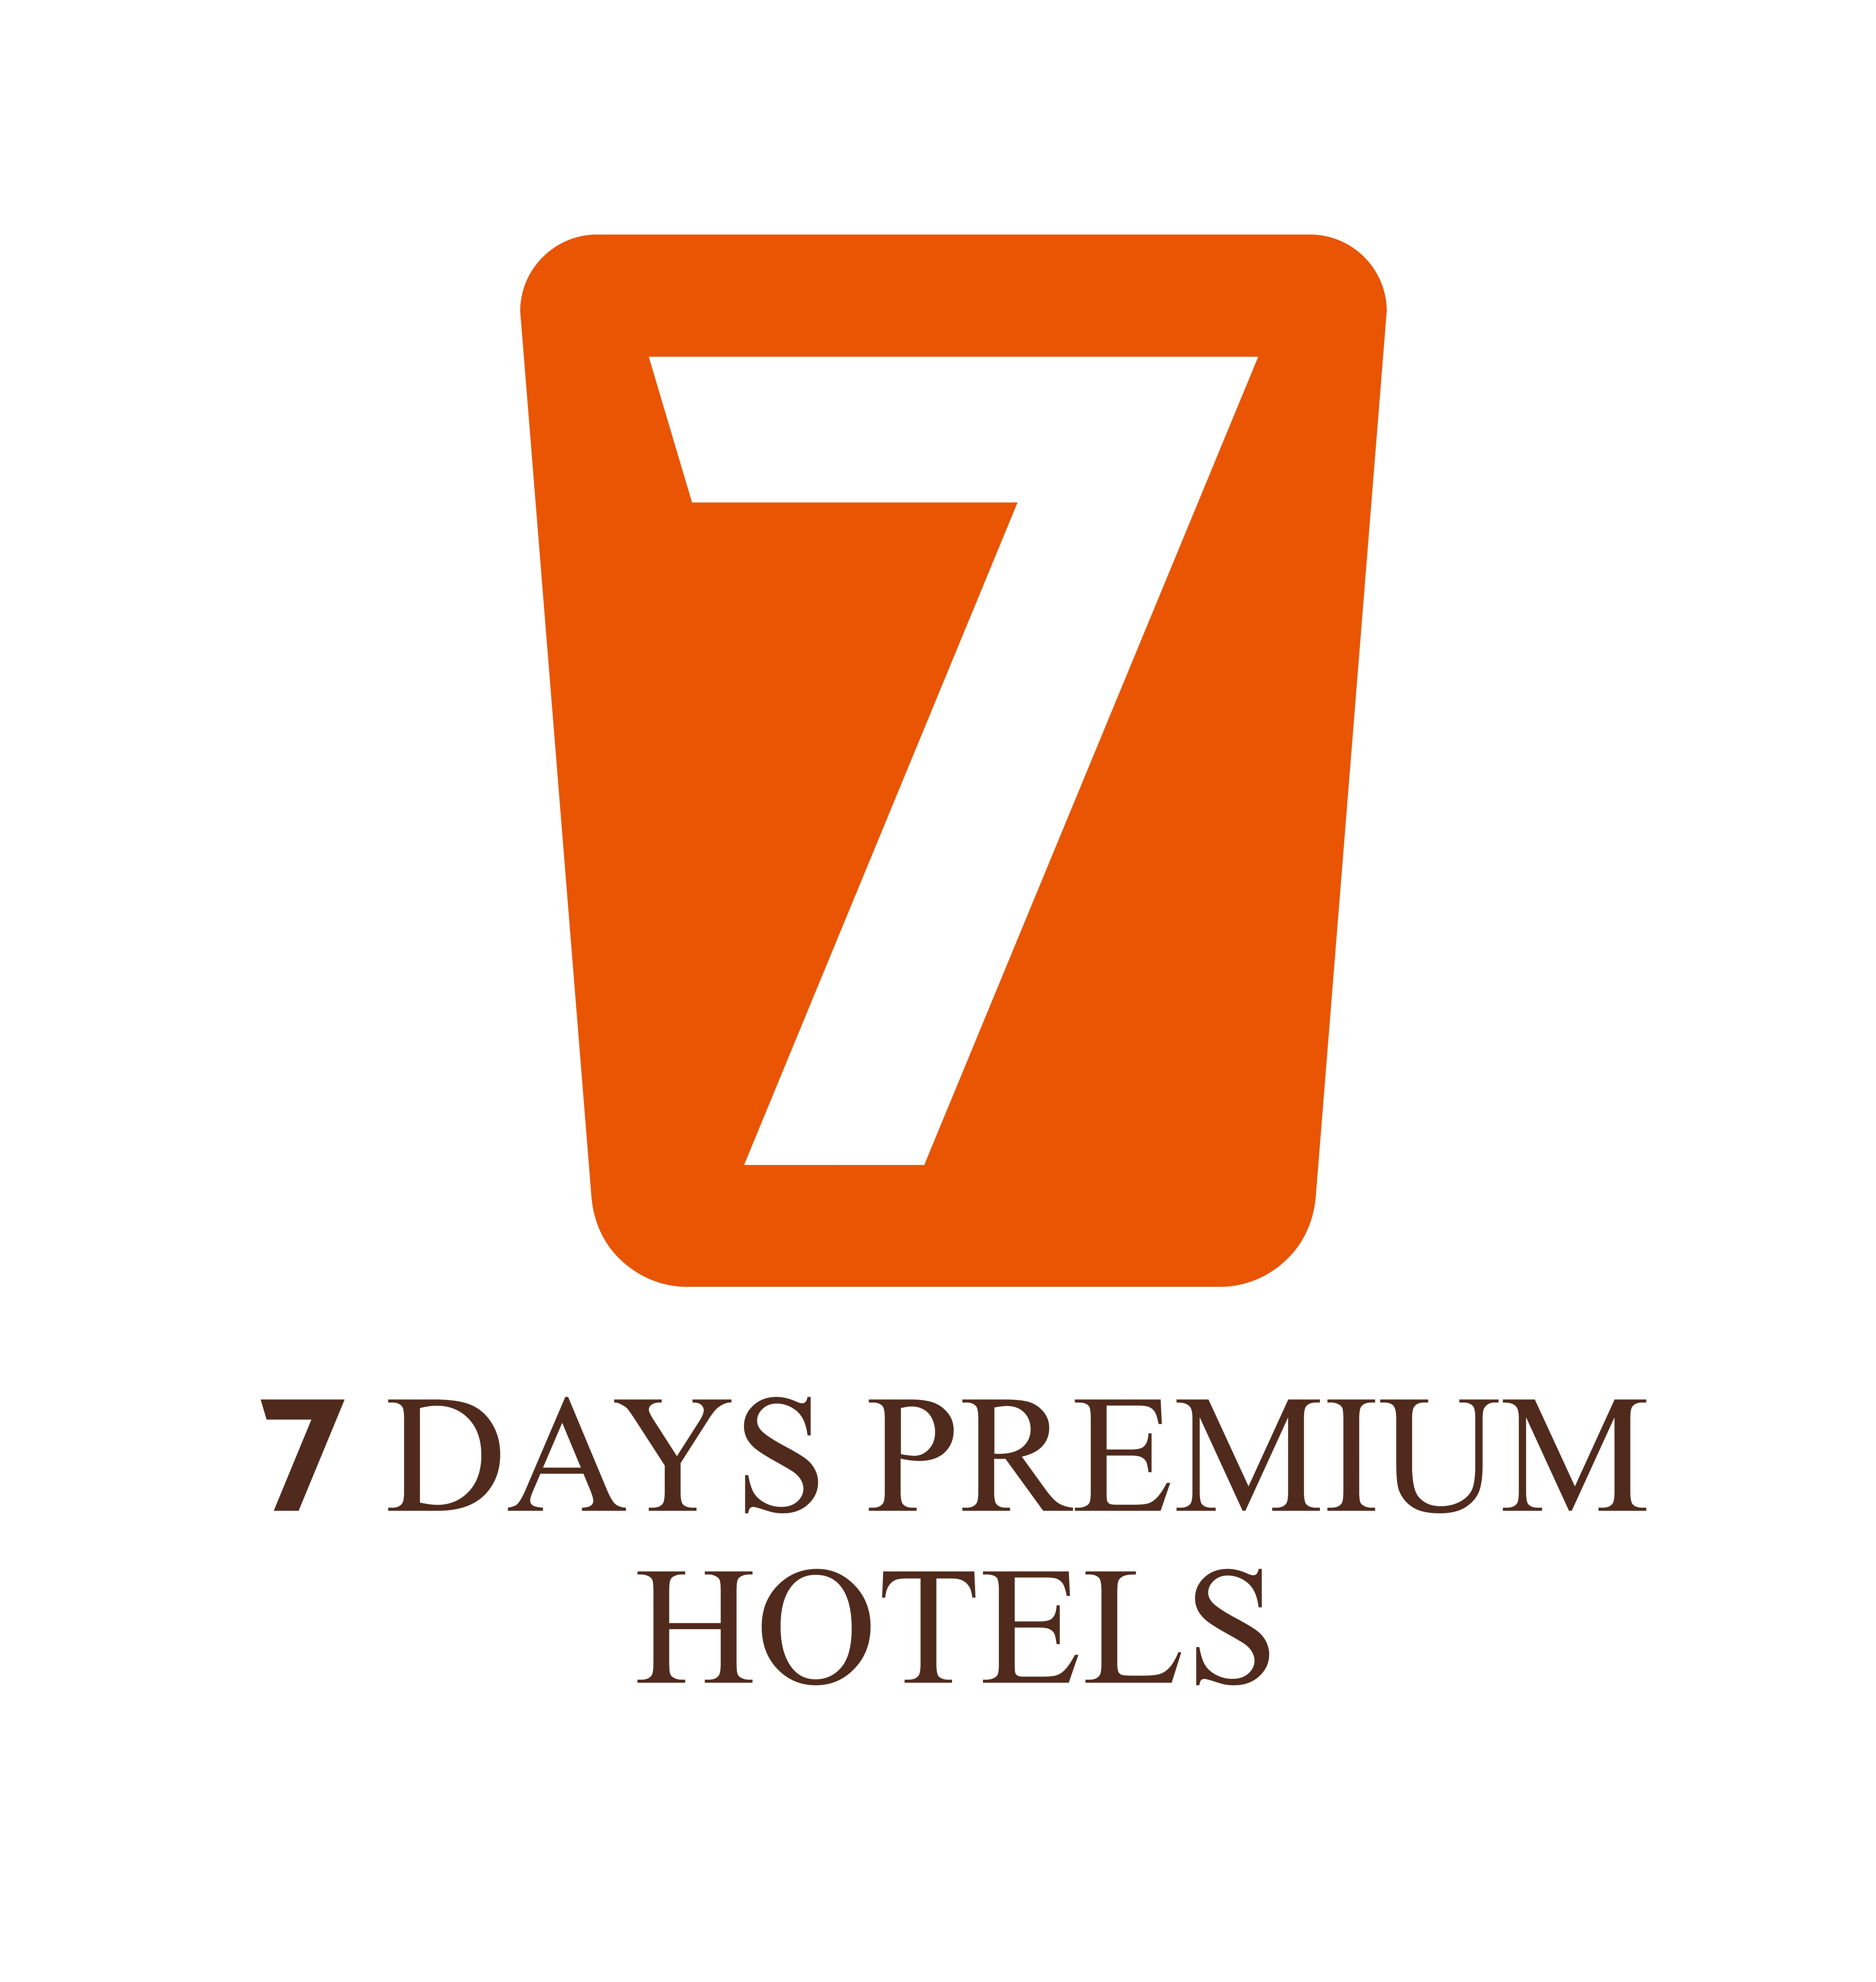 7 Days Premium Hotels